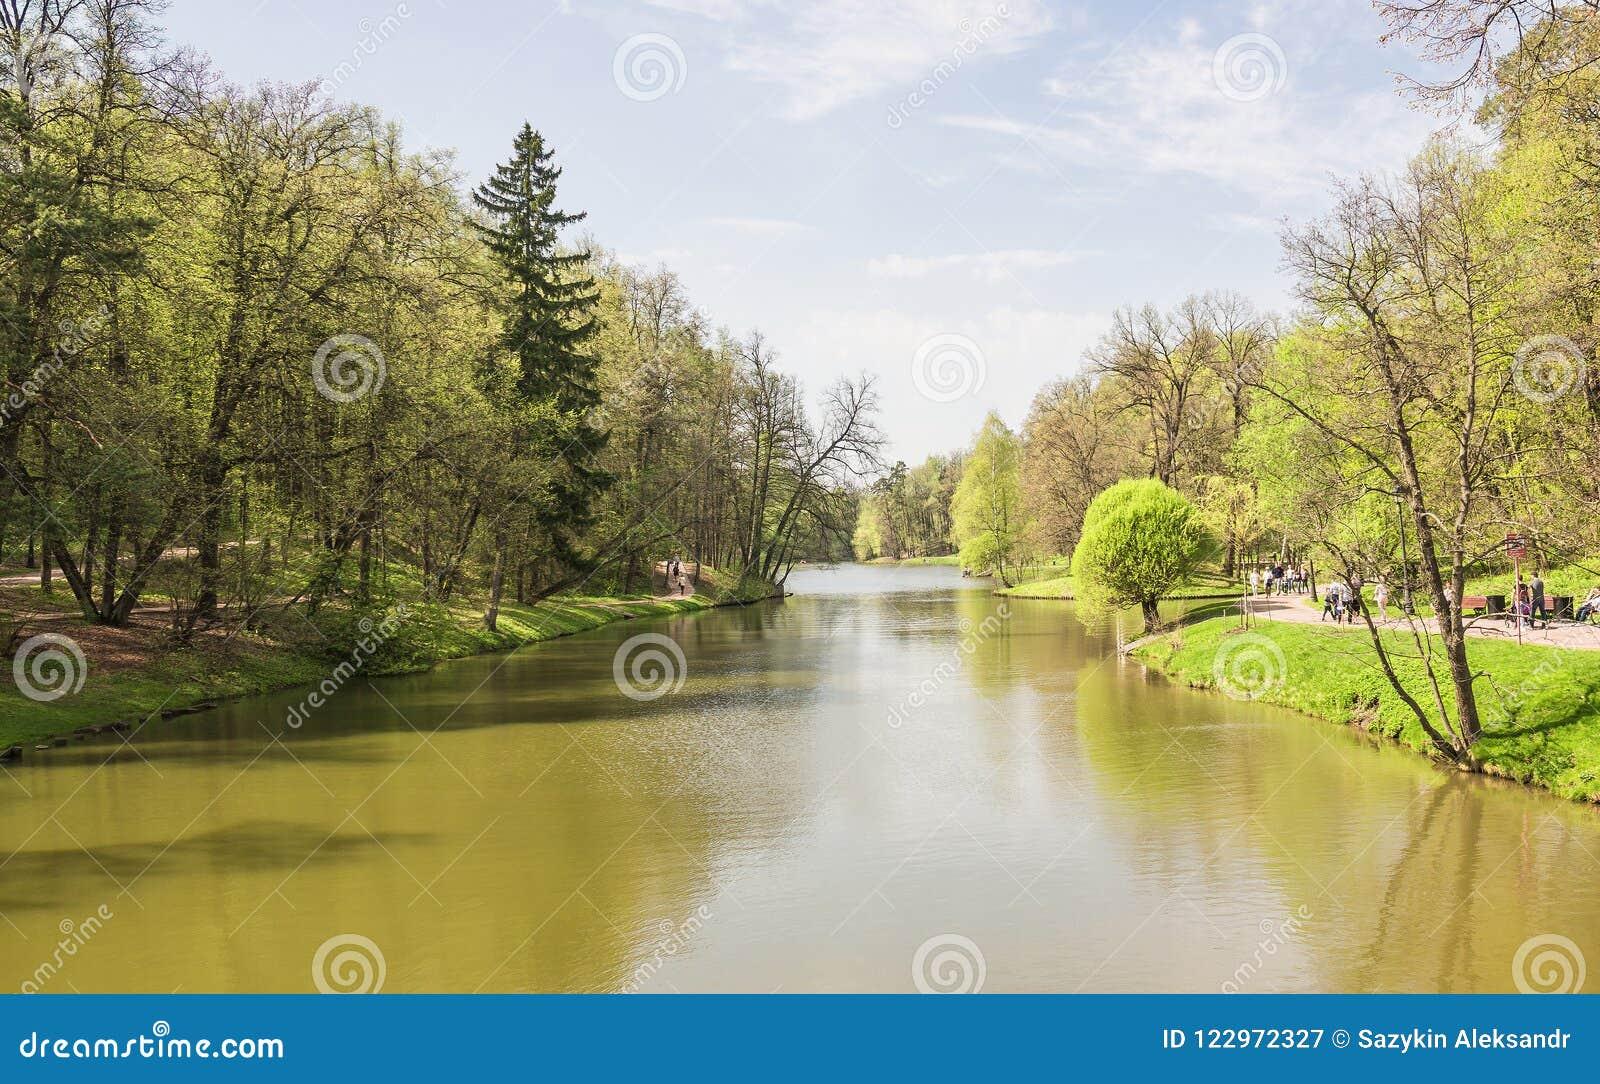 Großer Tsaritsyn-Teich auf dem Zustand Tsaritsyno Südlicher Bezirk moskau Russische Föderation